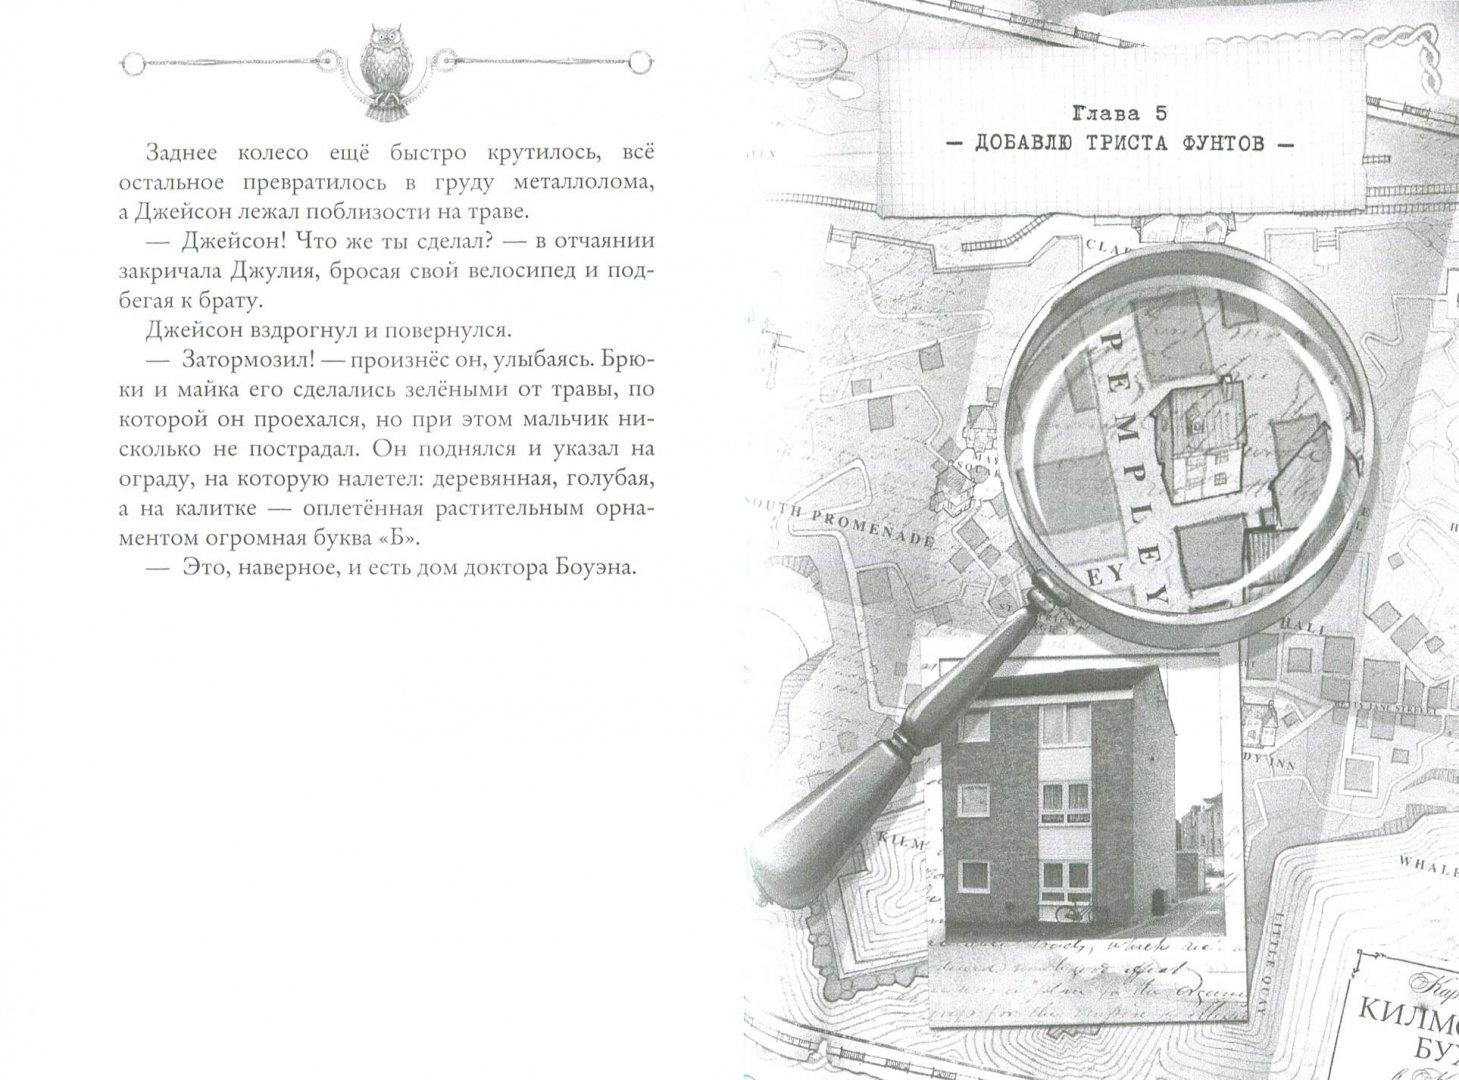 Иллюстрация 1 из 15 для Дом зеркал. Книга 3 - Улисс Мур   Лабиринт - книги. Источник: Лабиринт